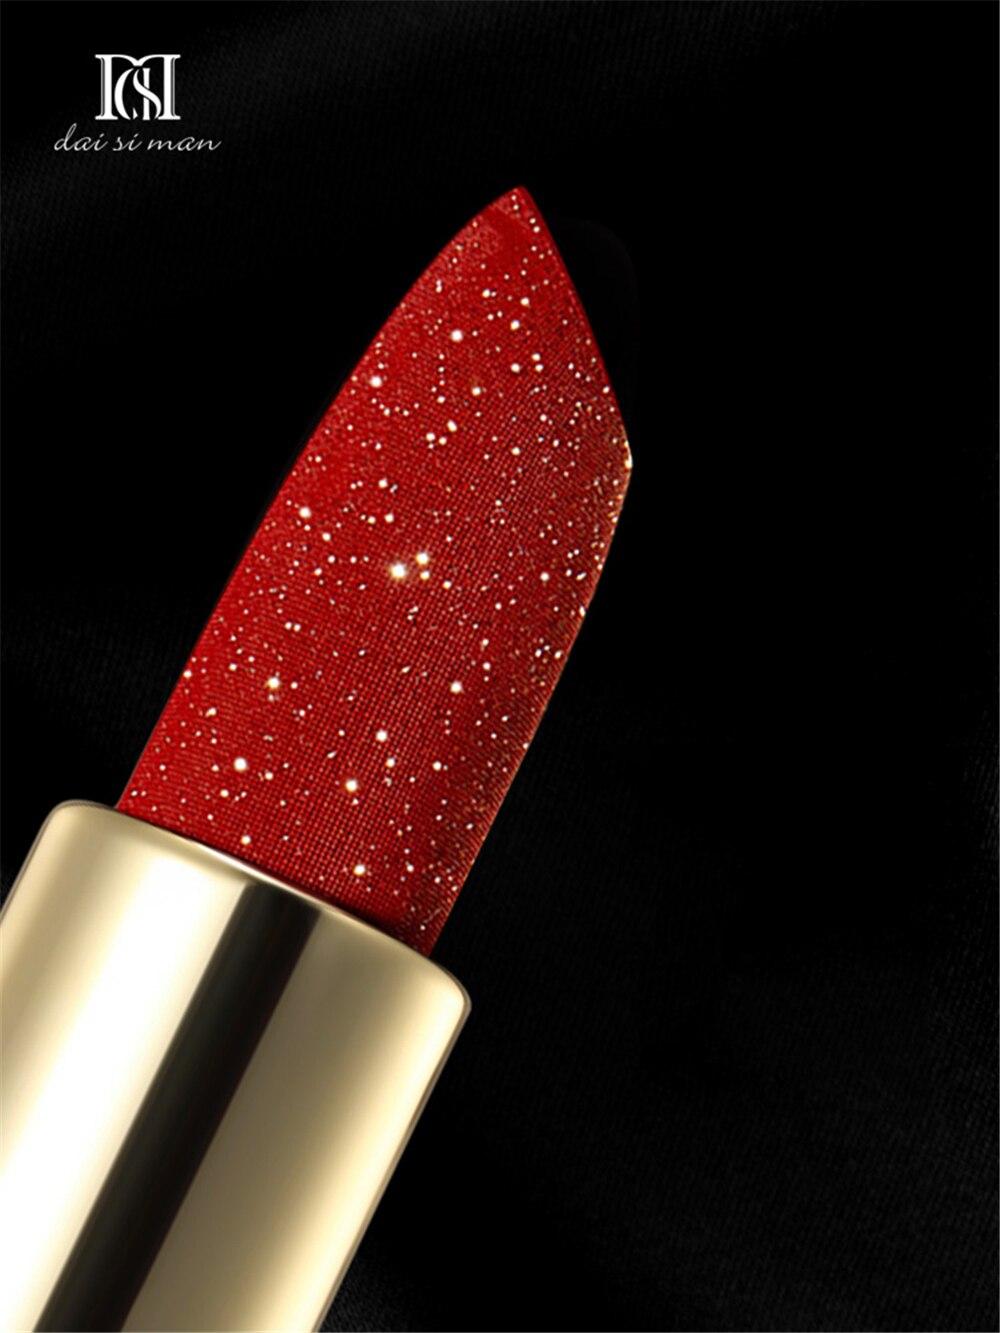 Deusa D.S.M Lipstains Florescendo Batom Hidratante Maquiagem Batom À Prova D' Água Sexy Vermelho Batom Cosméticos Maquiagem